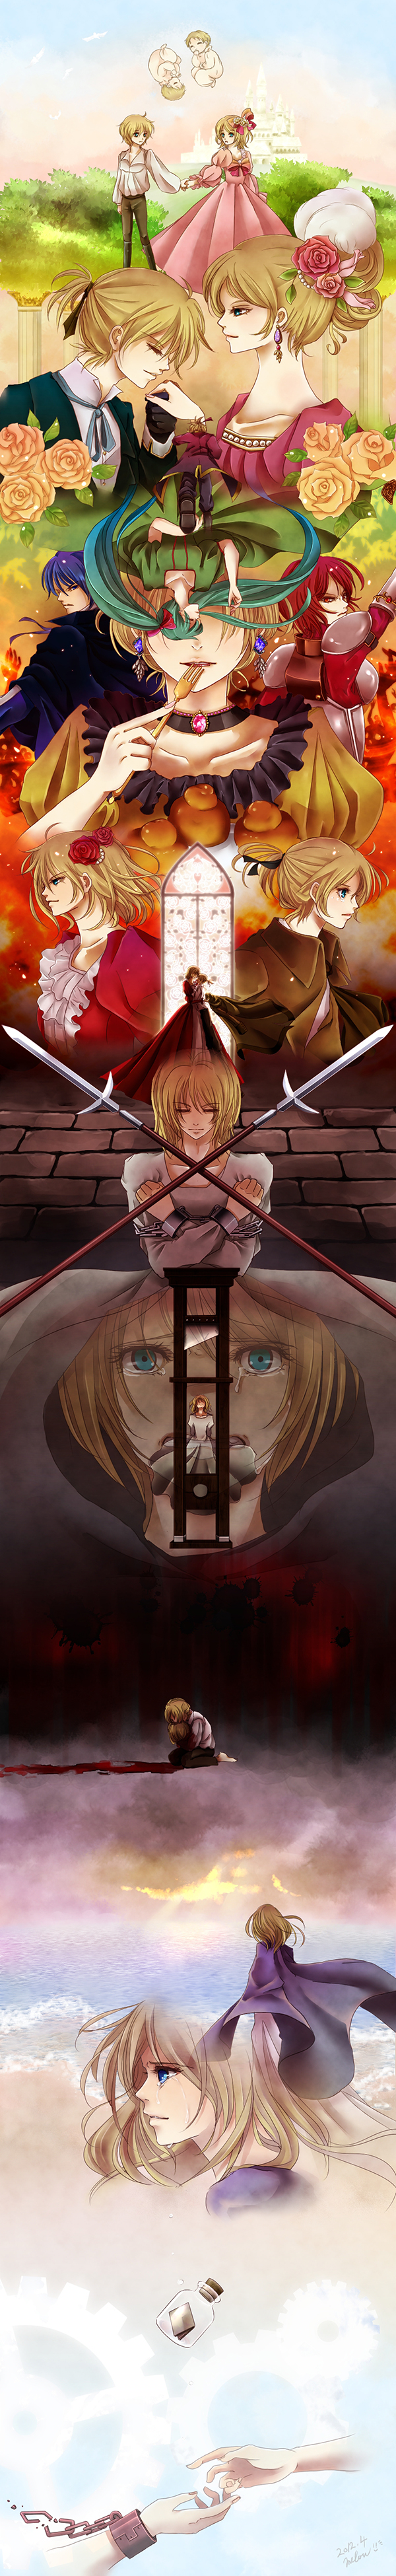 Tags: Anime, Melou, Vocaloid, KAITO, Hatsune Miku, Kagamine Len, MEIKO (Vocaloid)